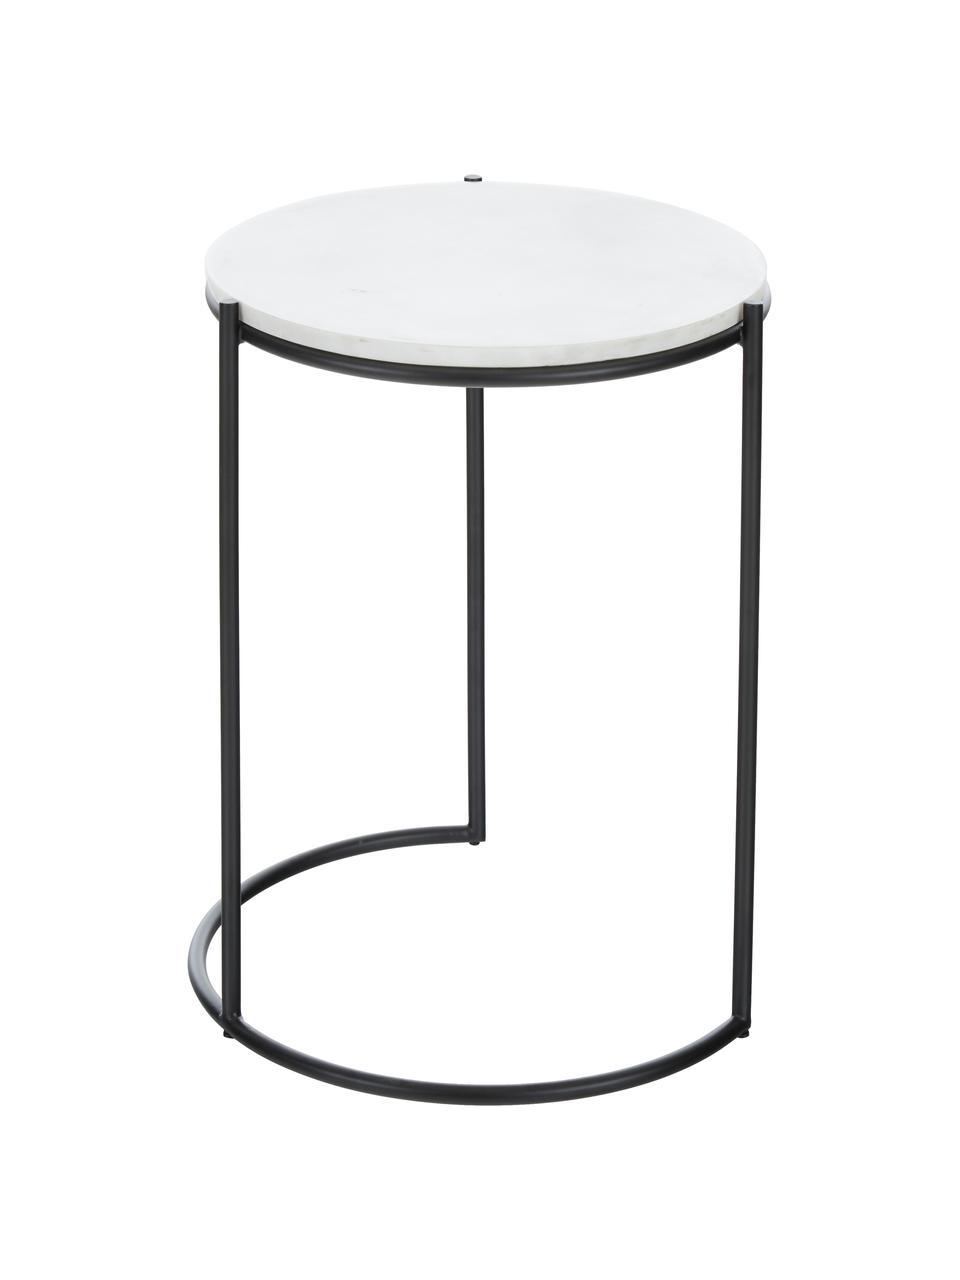 Marmor-Beistelltisch-Set Ella, 2-tlg., Weißer Marmor, Schwarz, Sondergrößen